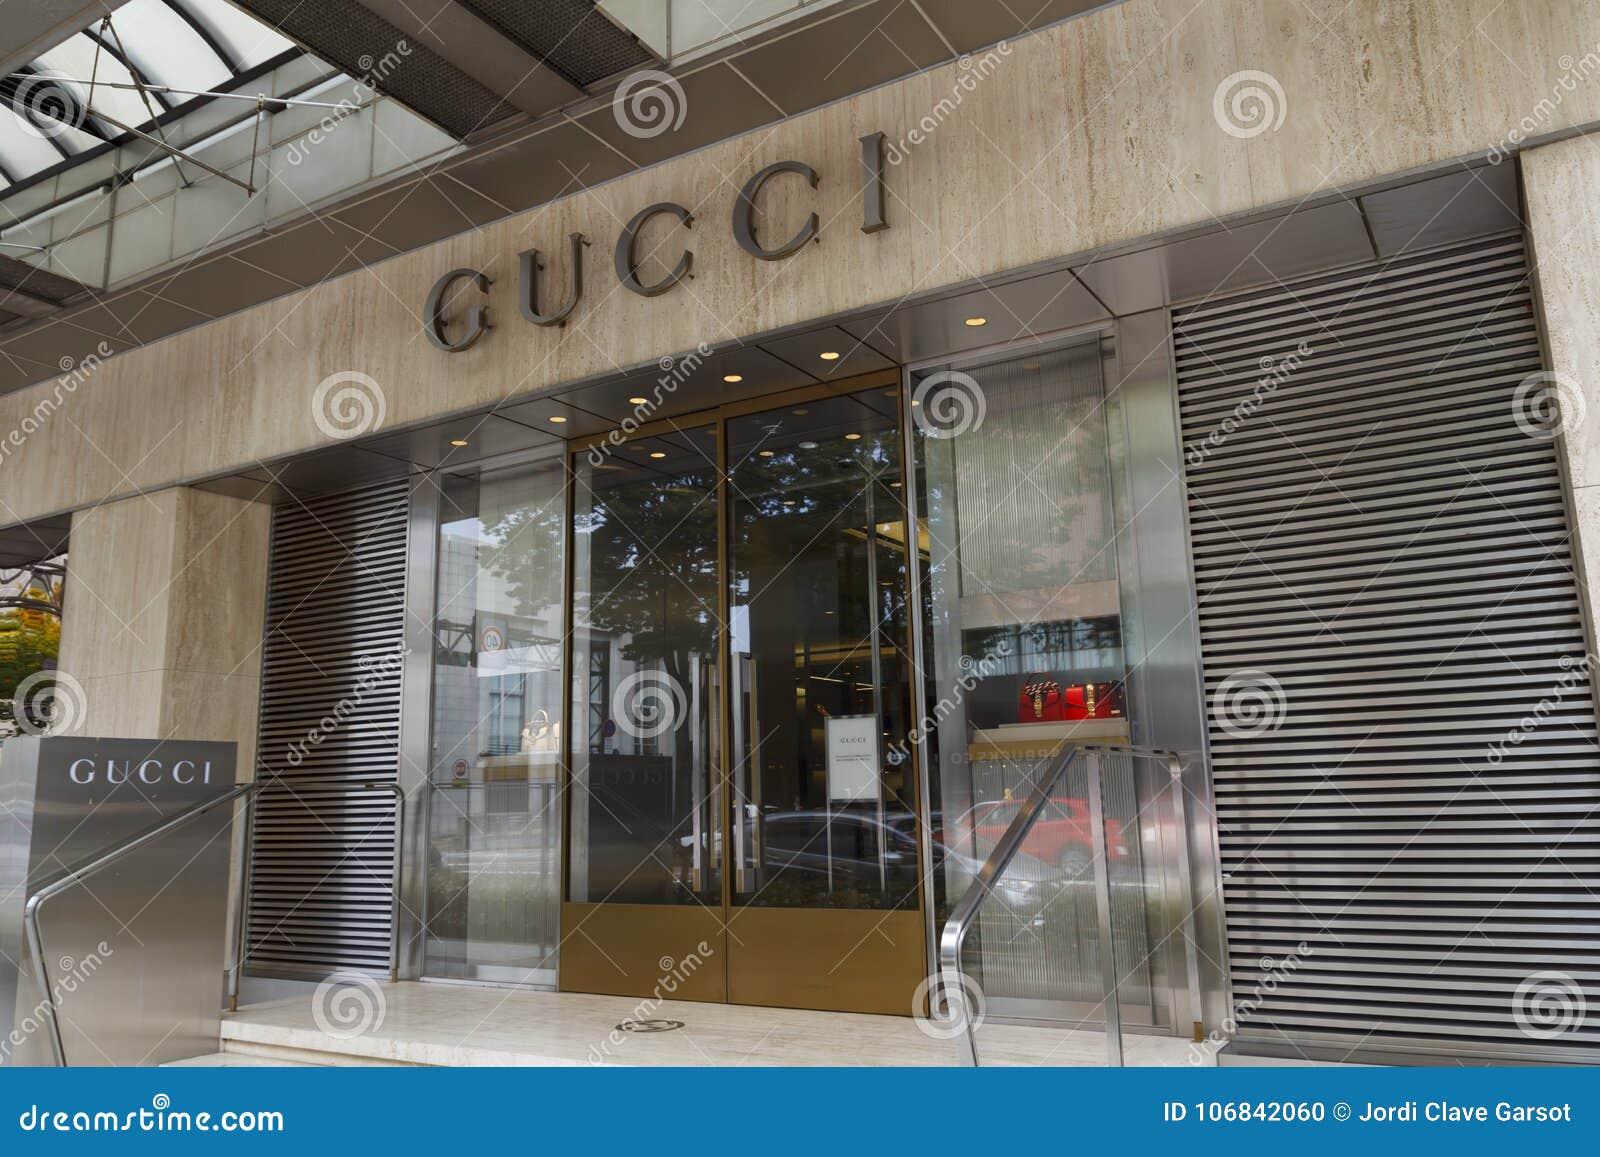 cbc9cbf8526ef Loja de Gucci em Japão imagem editorial. Imagem de roupa - 106842060